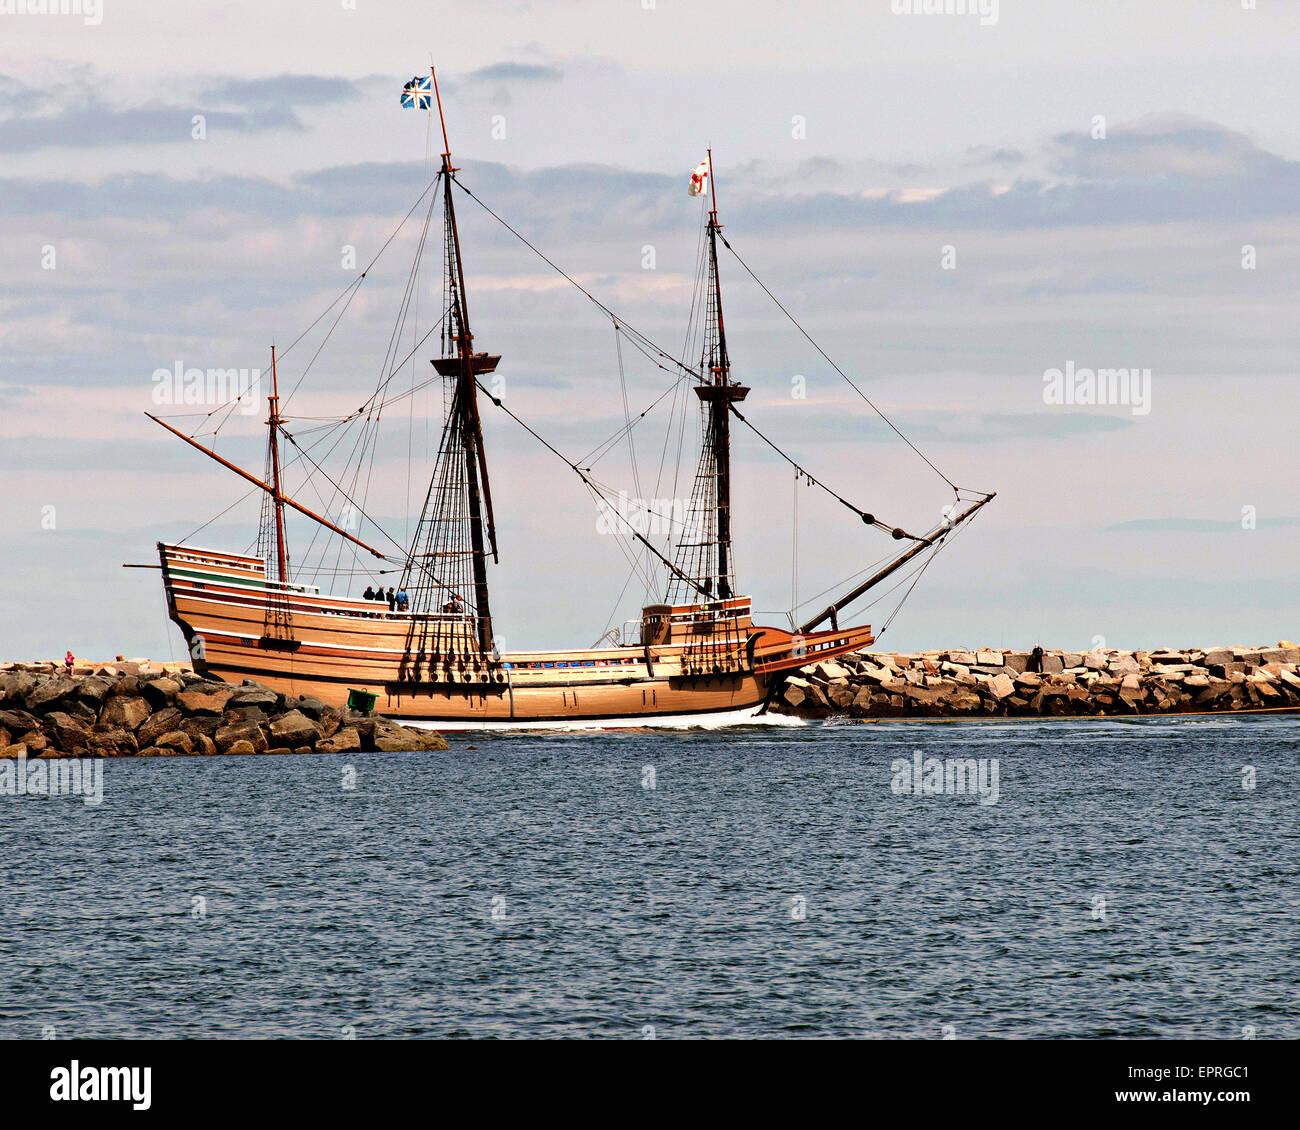 Erfreut Mayflower Schiff Färbung Seite Galerie - Malvorlagen Von ...